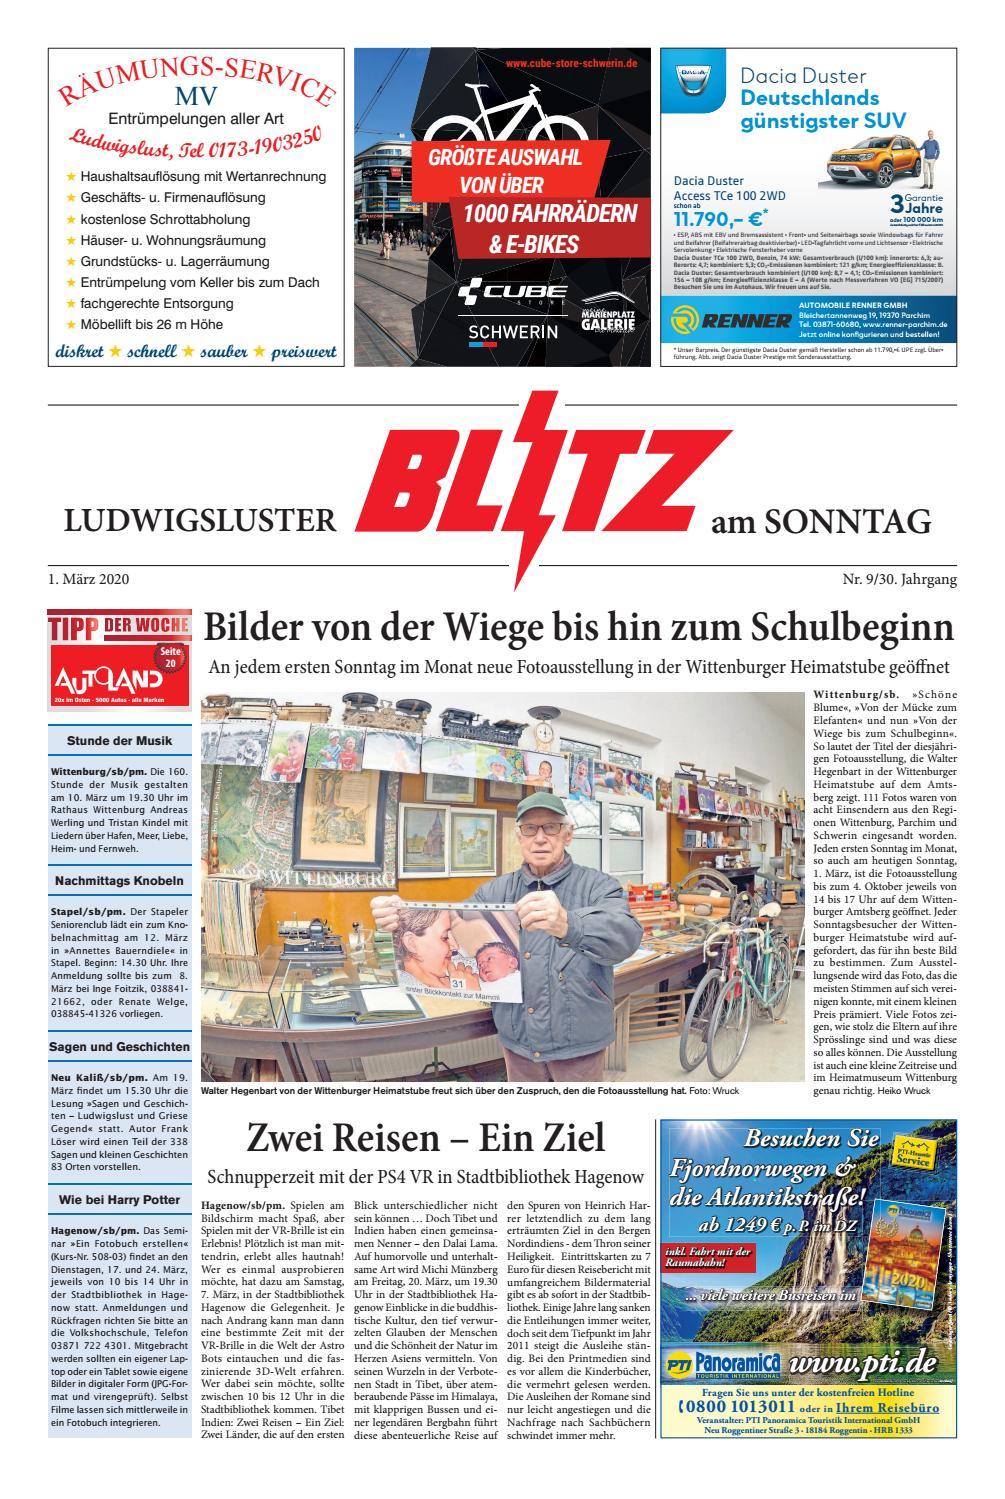 Thomas Philipps Onlineshop De Haus Und Garten Genial Ludwigsluster Blitz Vom 01 03 2020 by Blitzverlag issuu